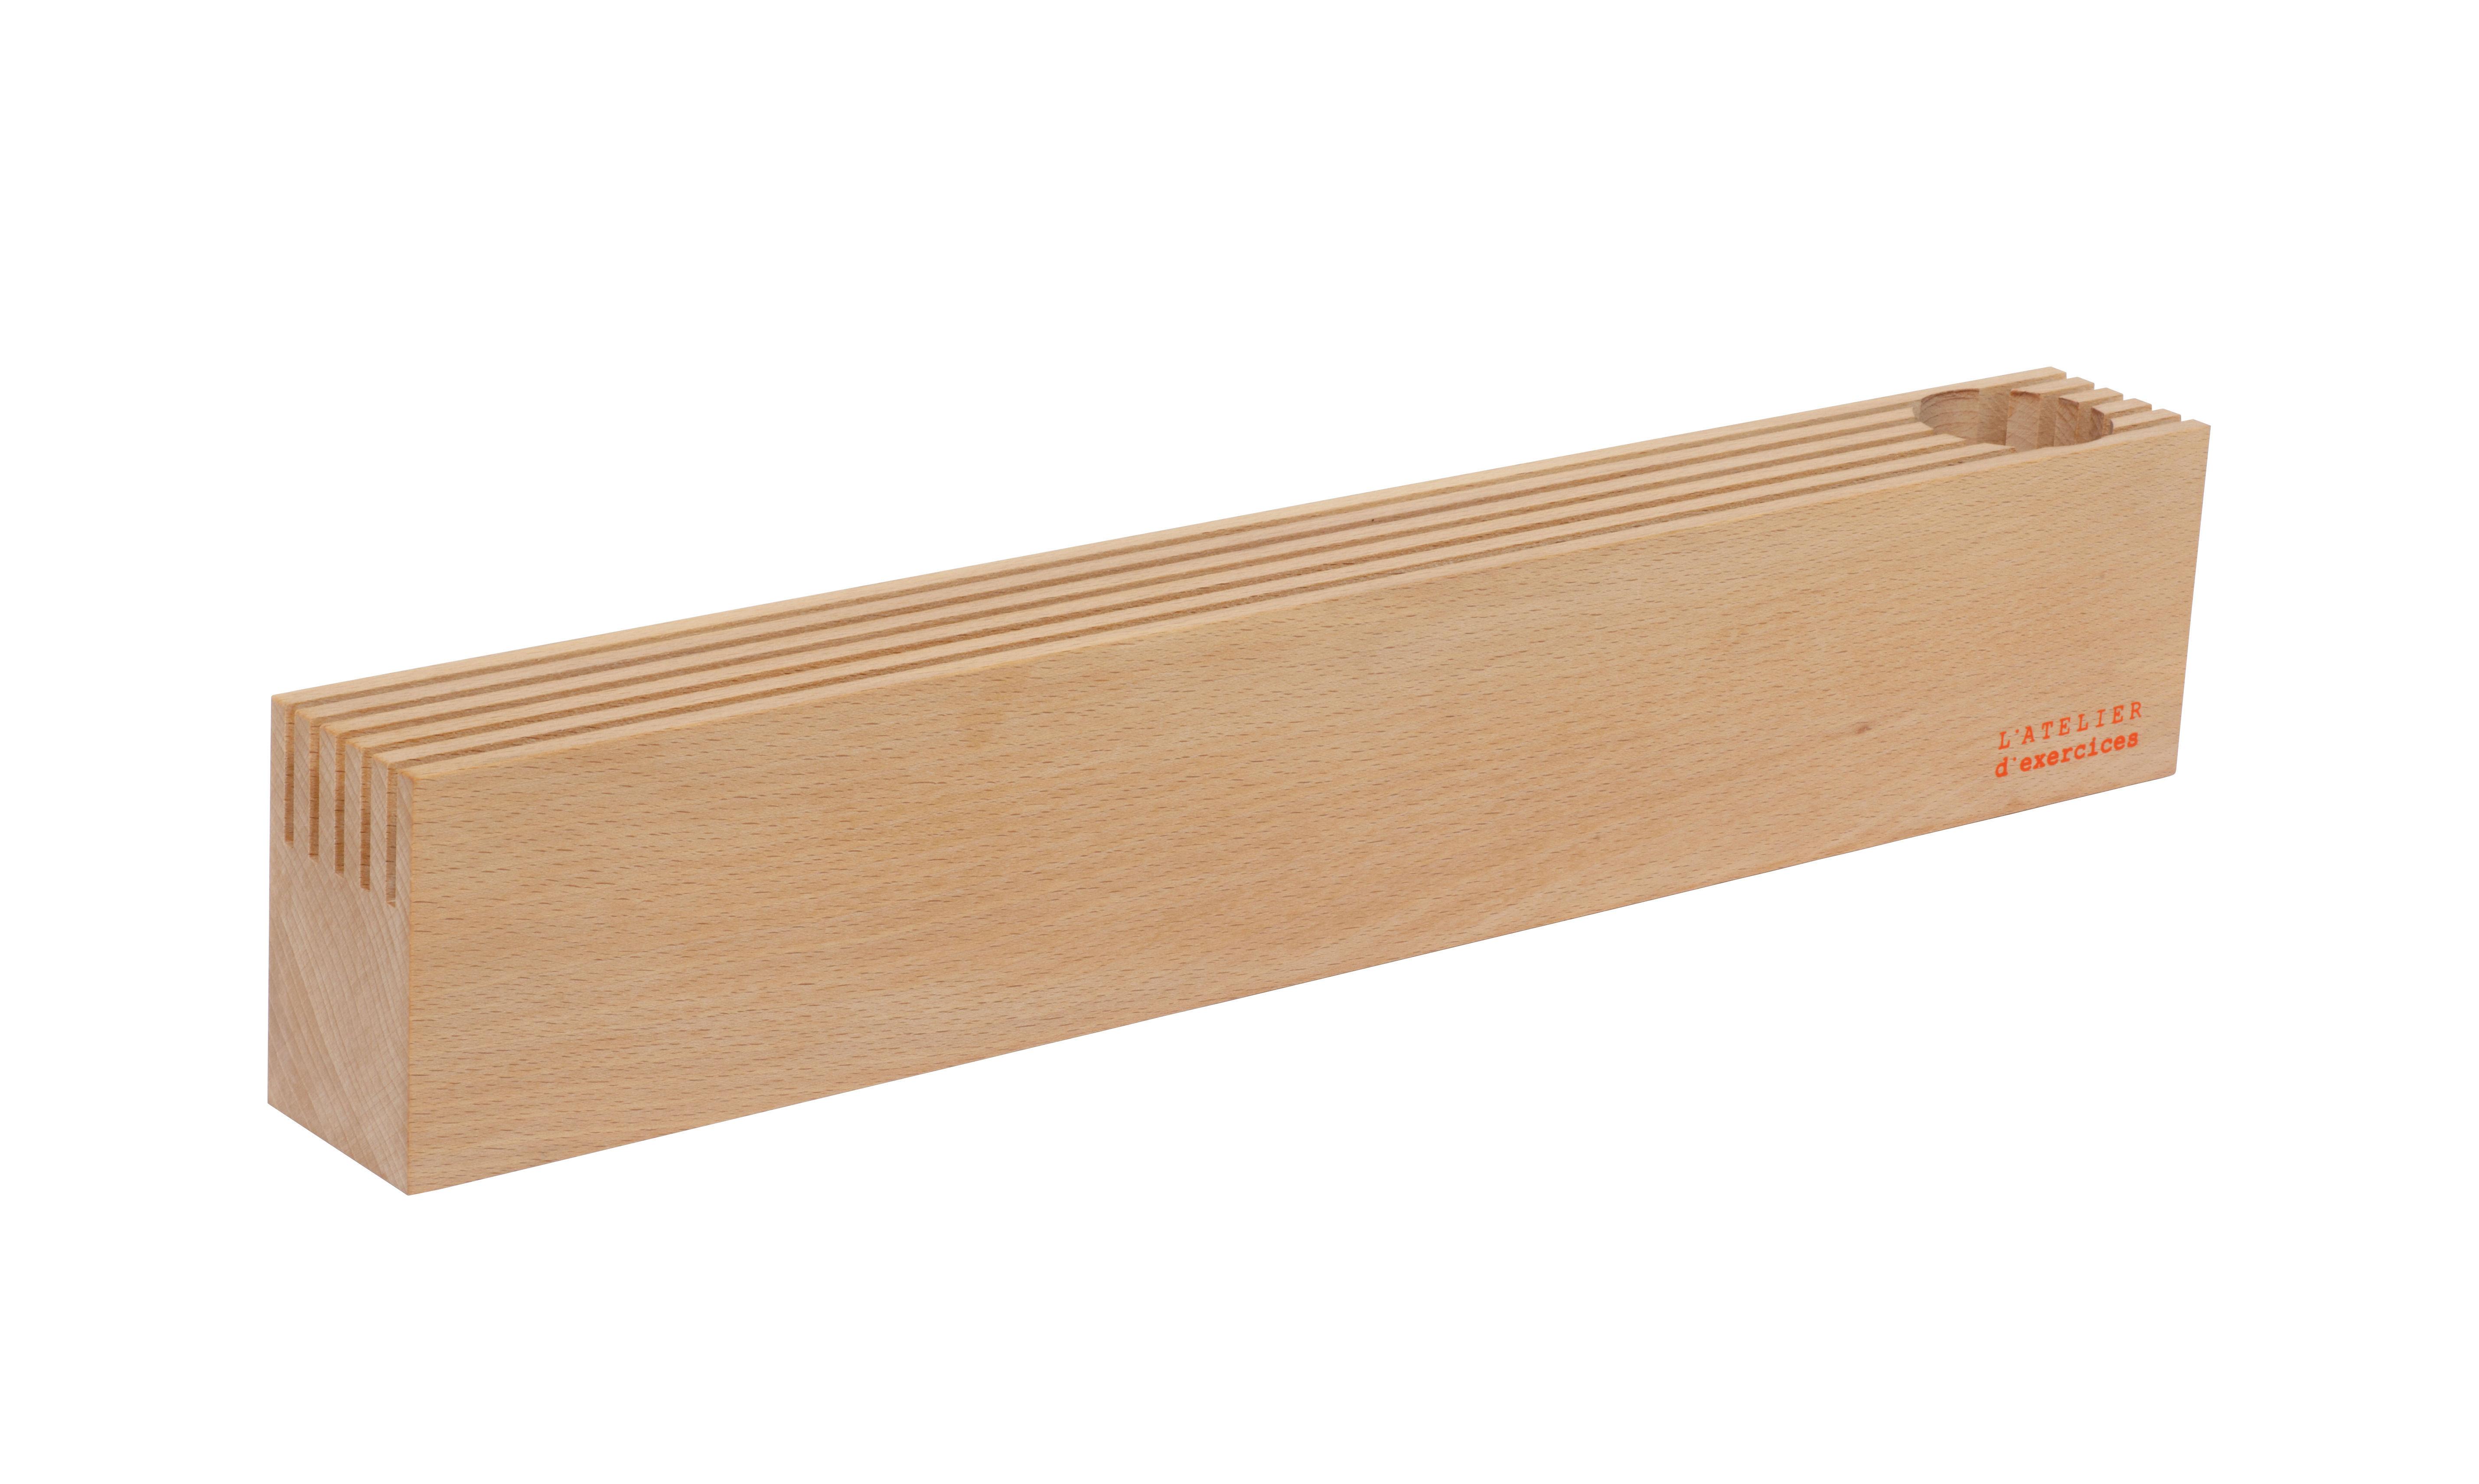 organiseur de bureau l 50 cm bois clair l 39 atelier d 39 exercices. Black Bedroom Furniture Sets. Home Design Ideas